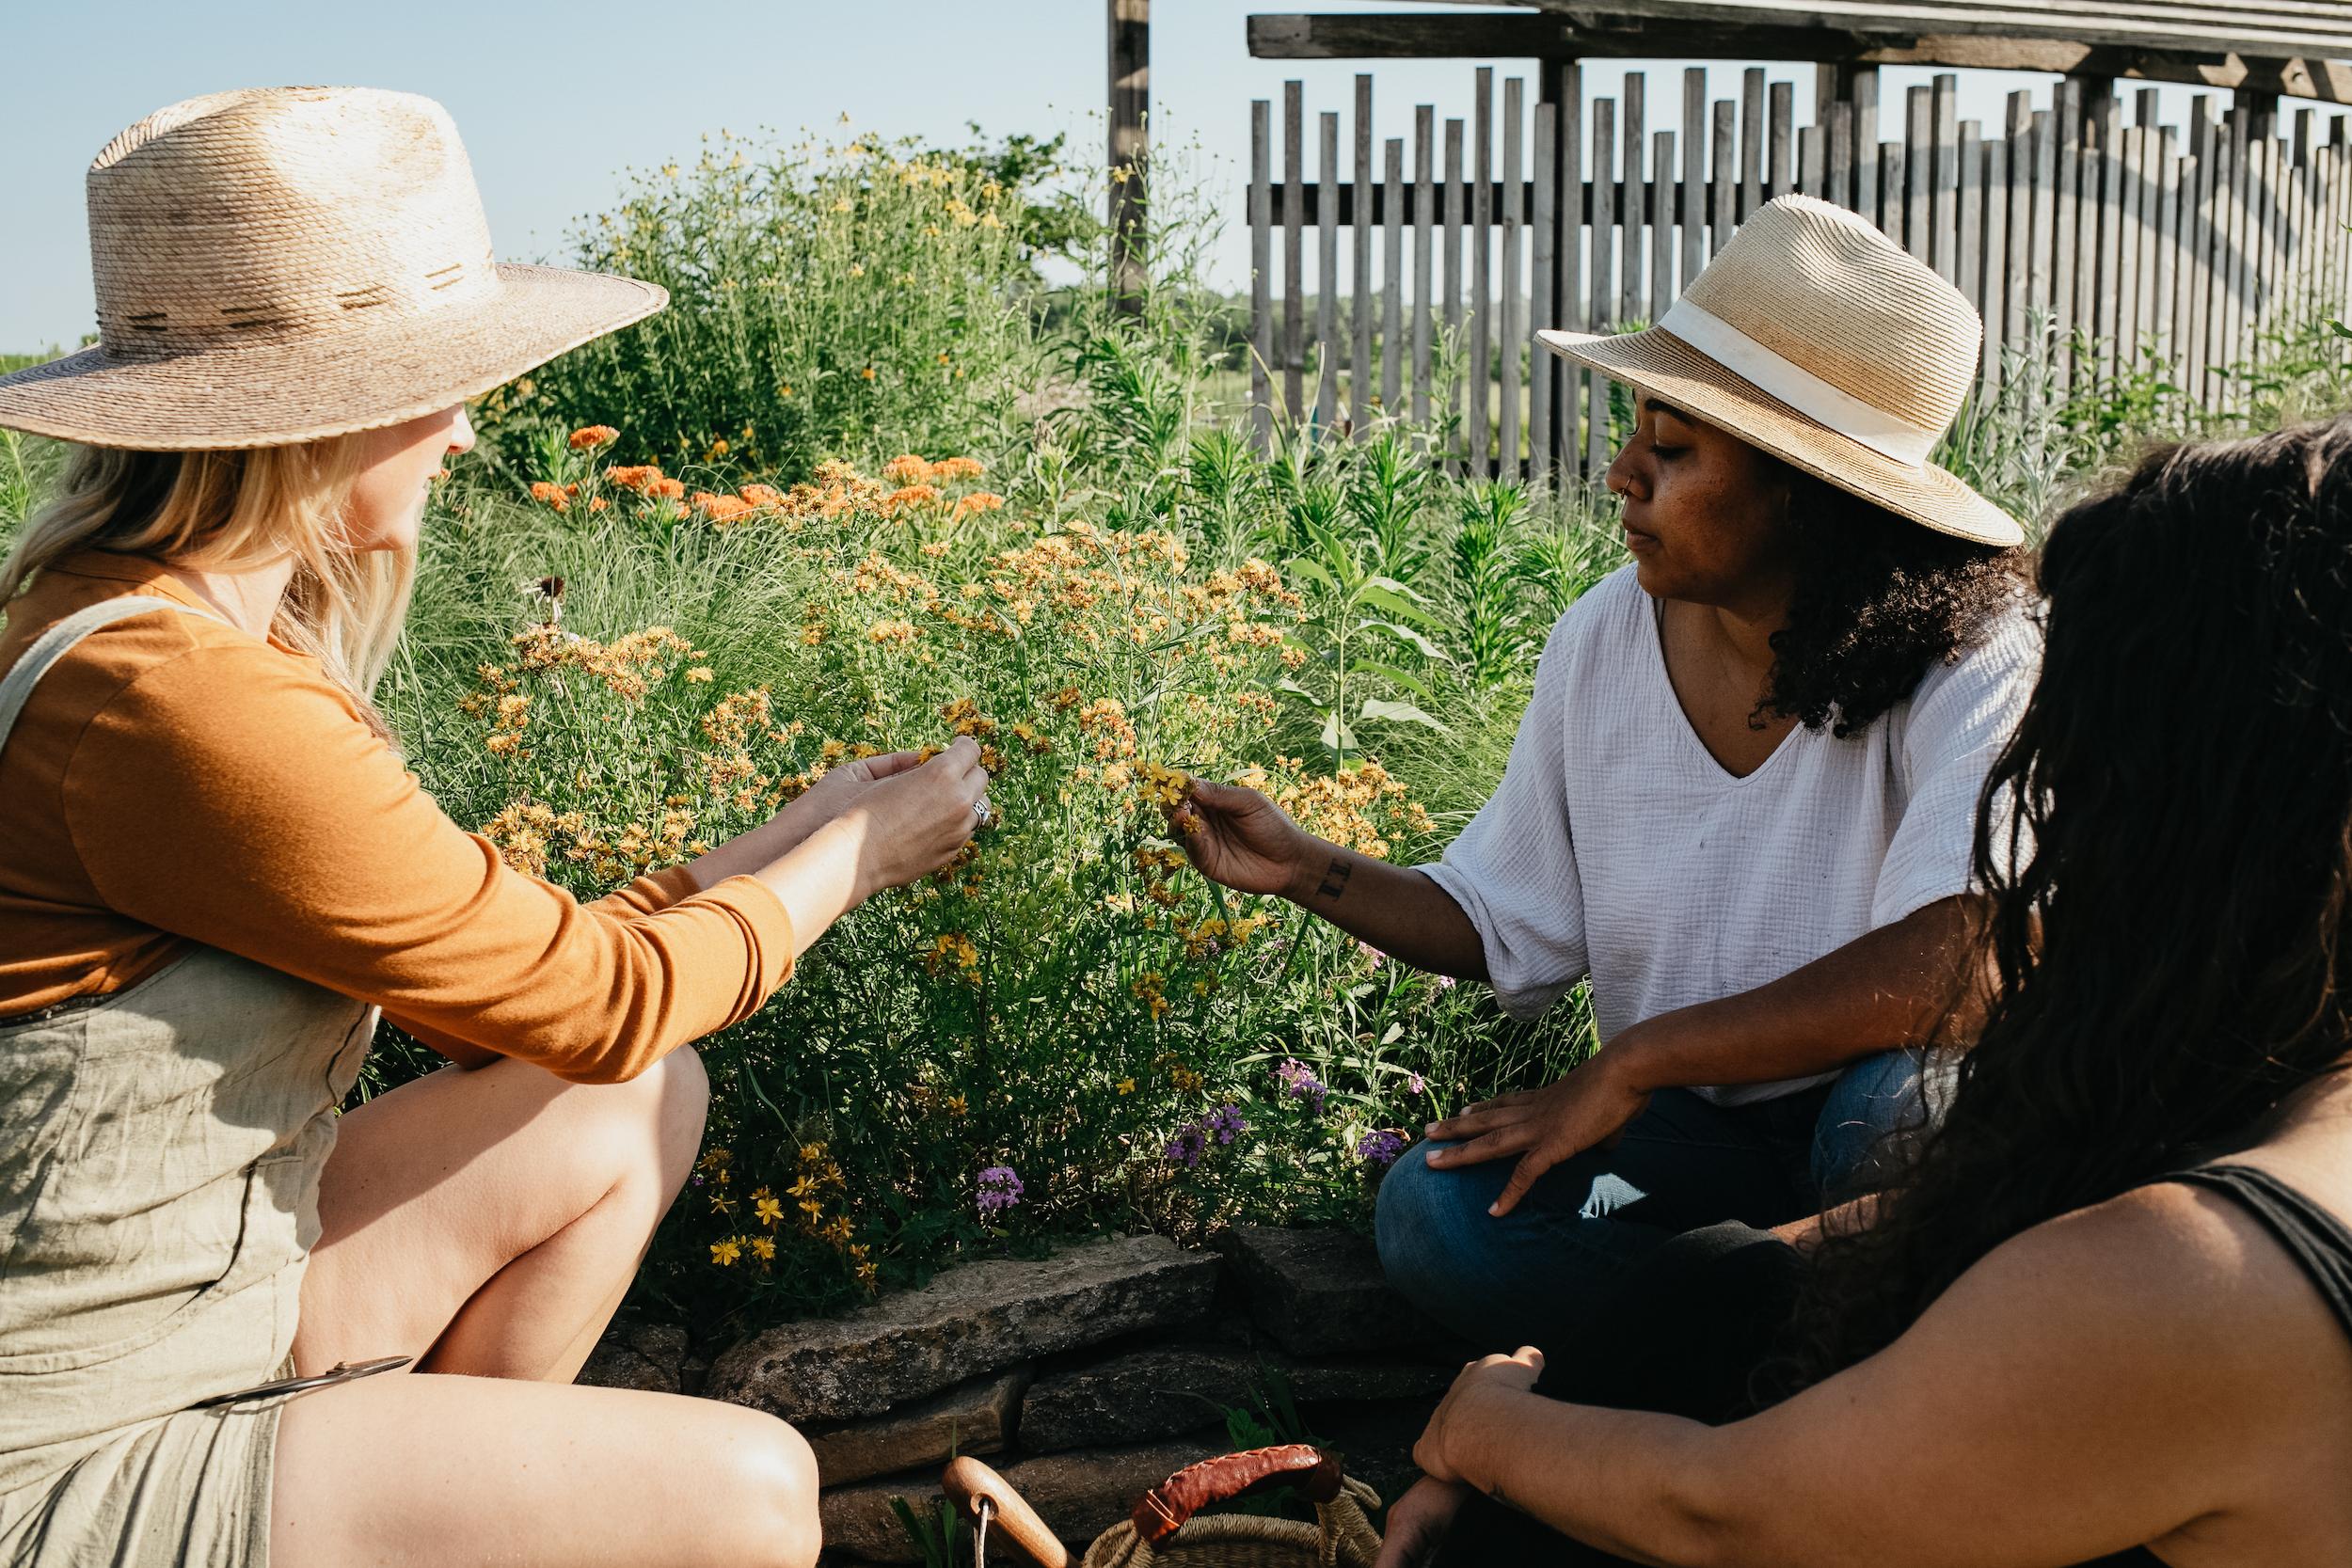 Community Herbalism - Teaching as an Herbalist